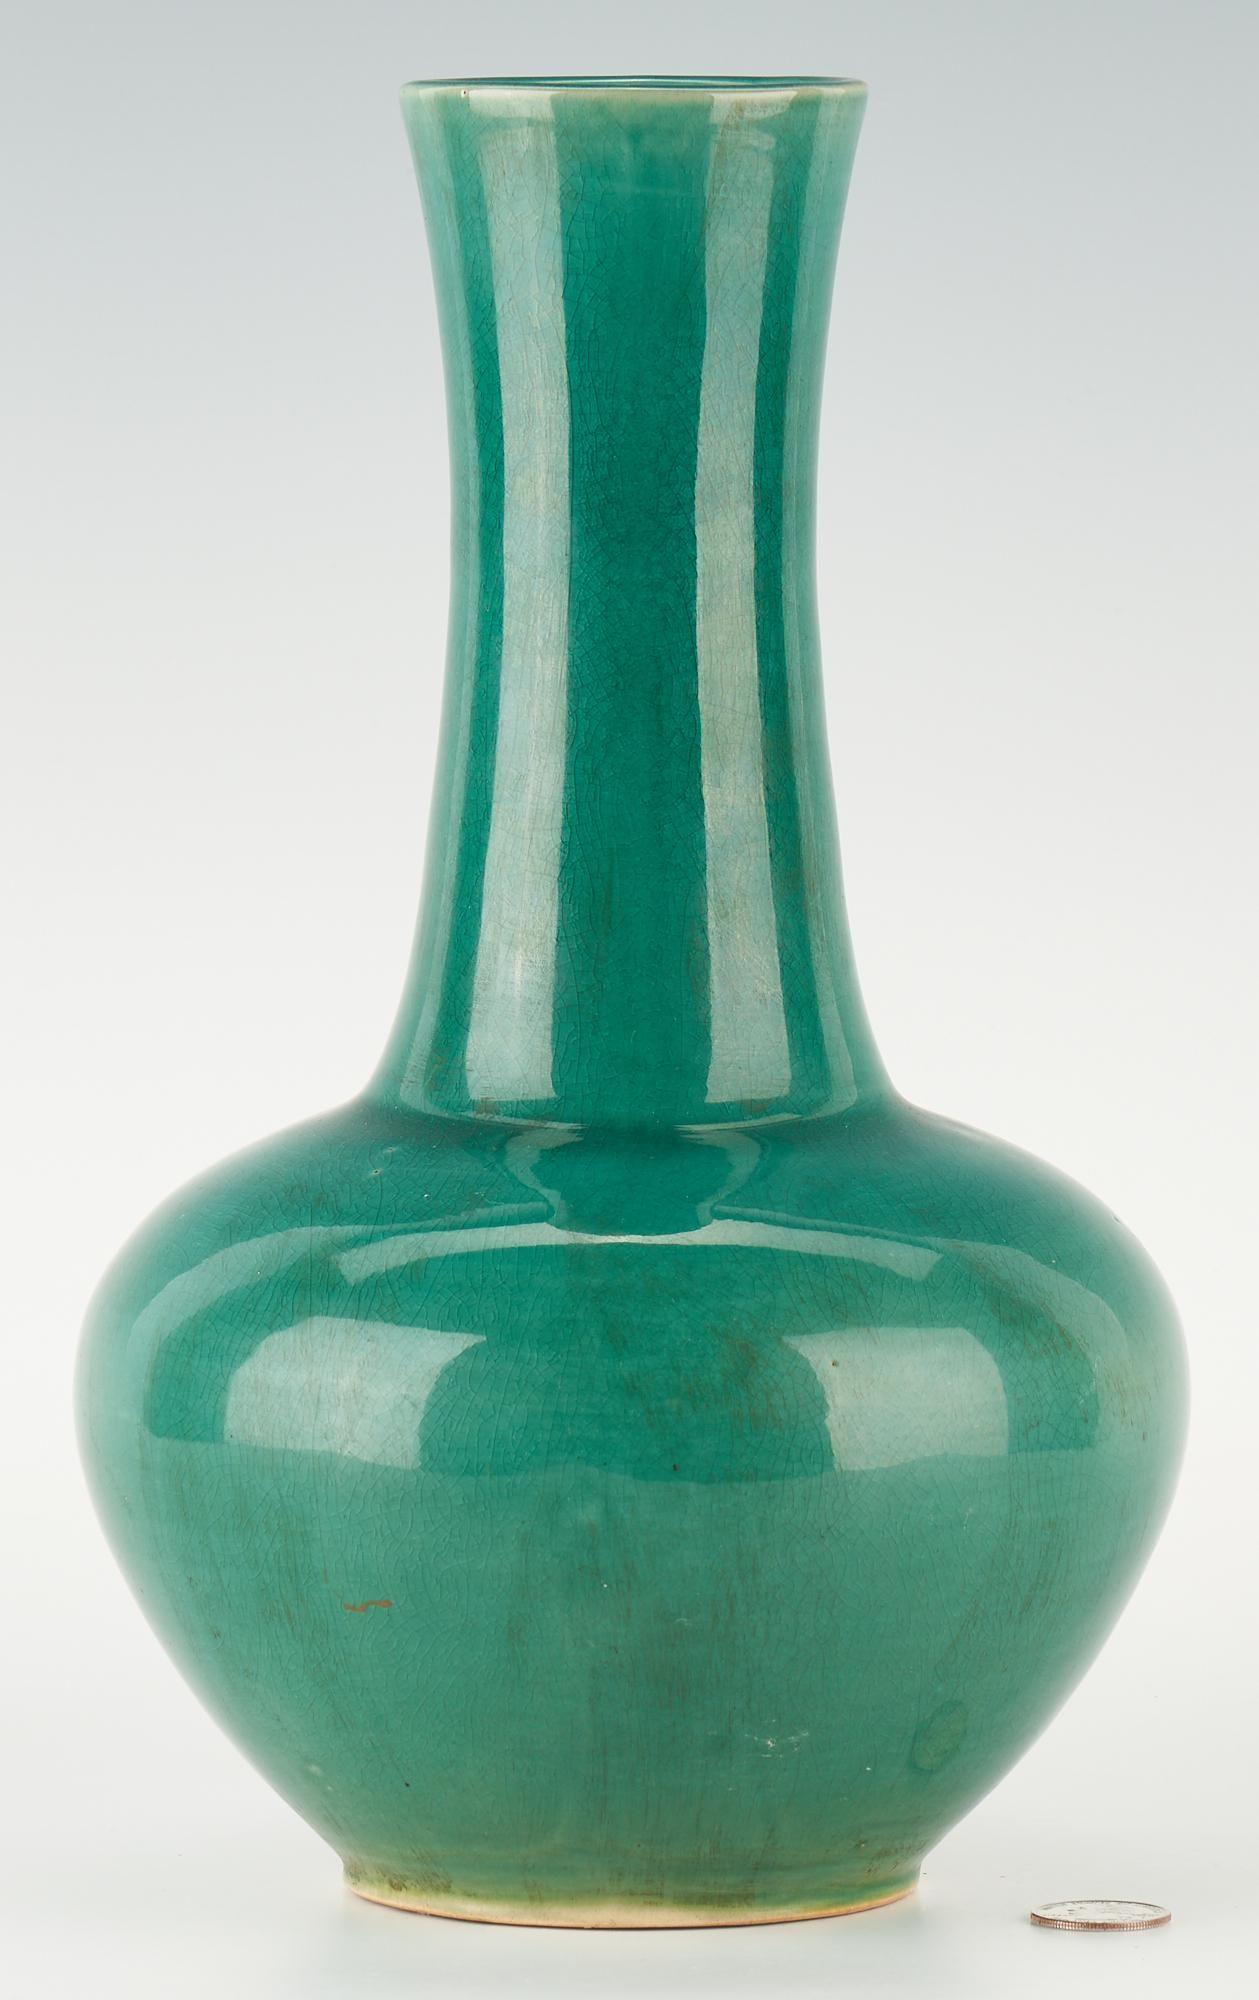 Chinese Monochrome Green Porcelain Bottle Vase